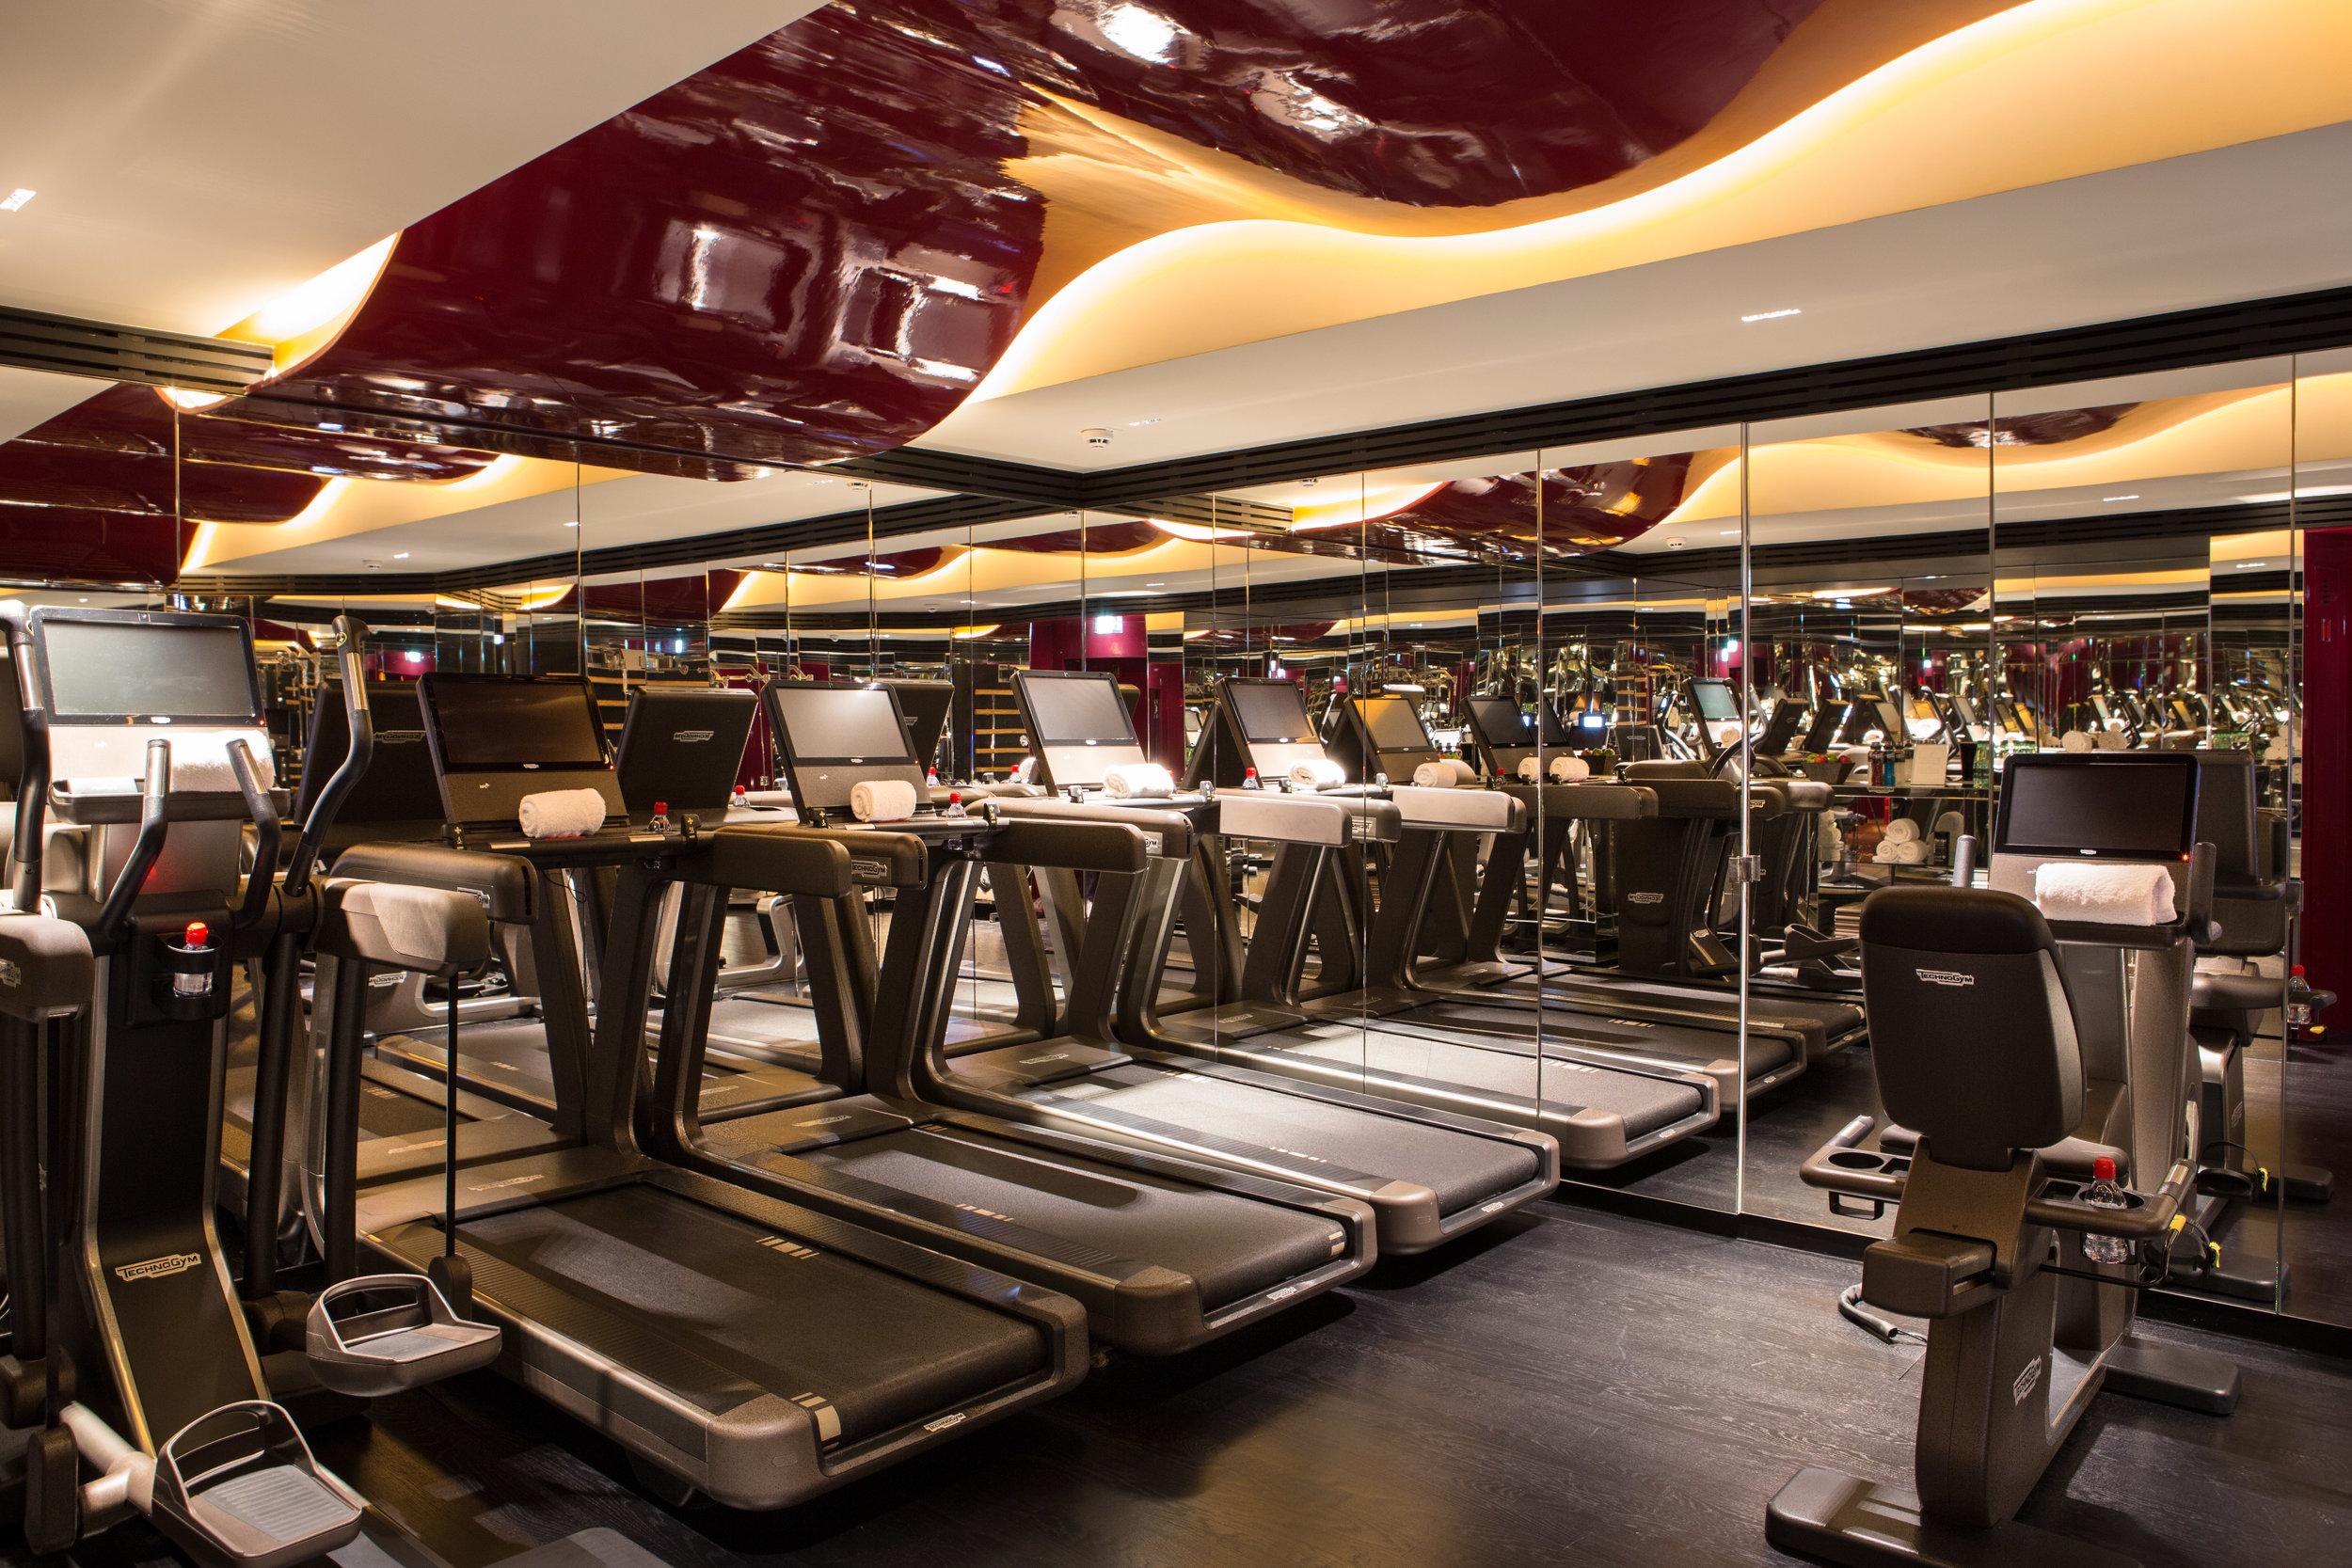 La Réserve Hotel & Spa - fitness room - Crédits photo G. Gardette - La Réserve Paris.jpg